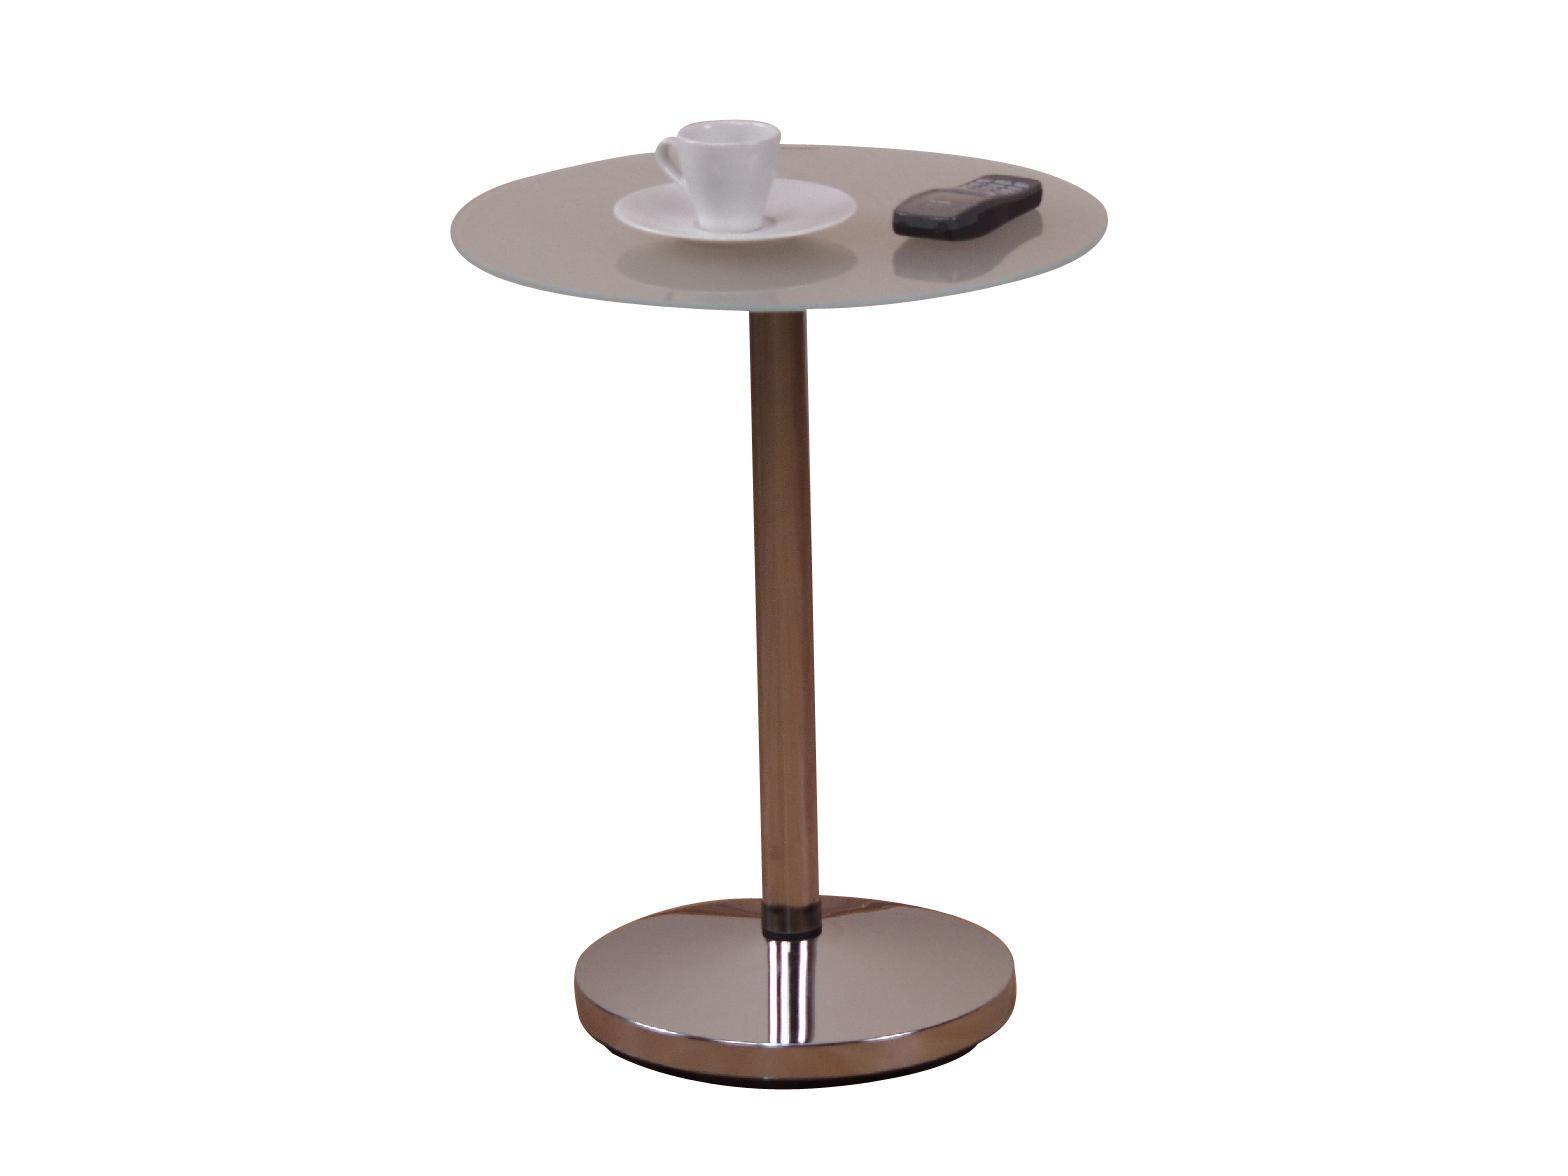 beistelltisch milchglas/ silber woody 193-00023 weiss metall, Wohnzimmer dekoo